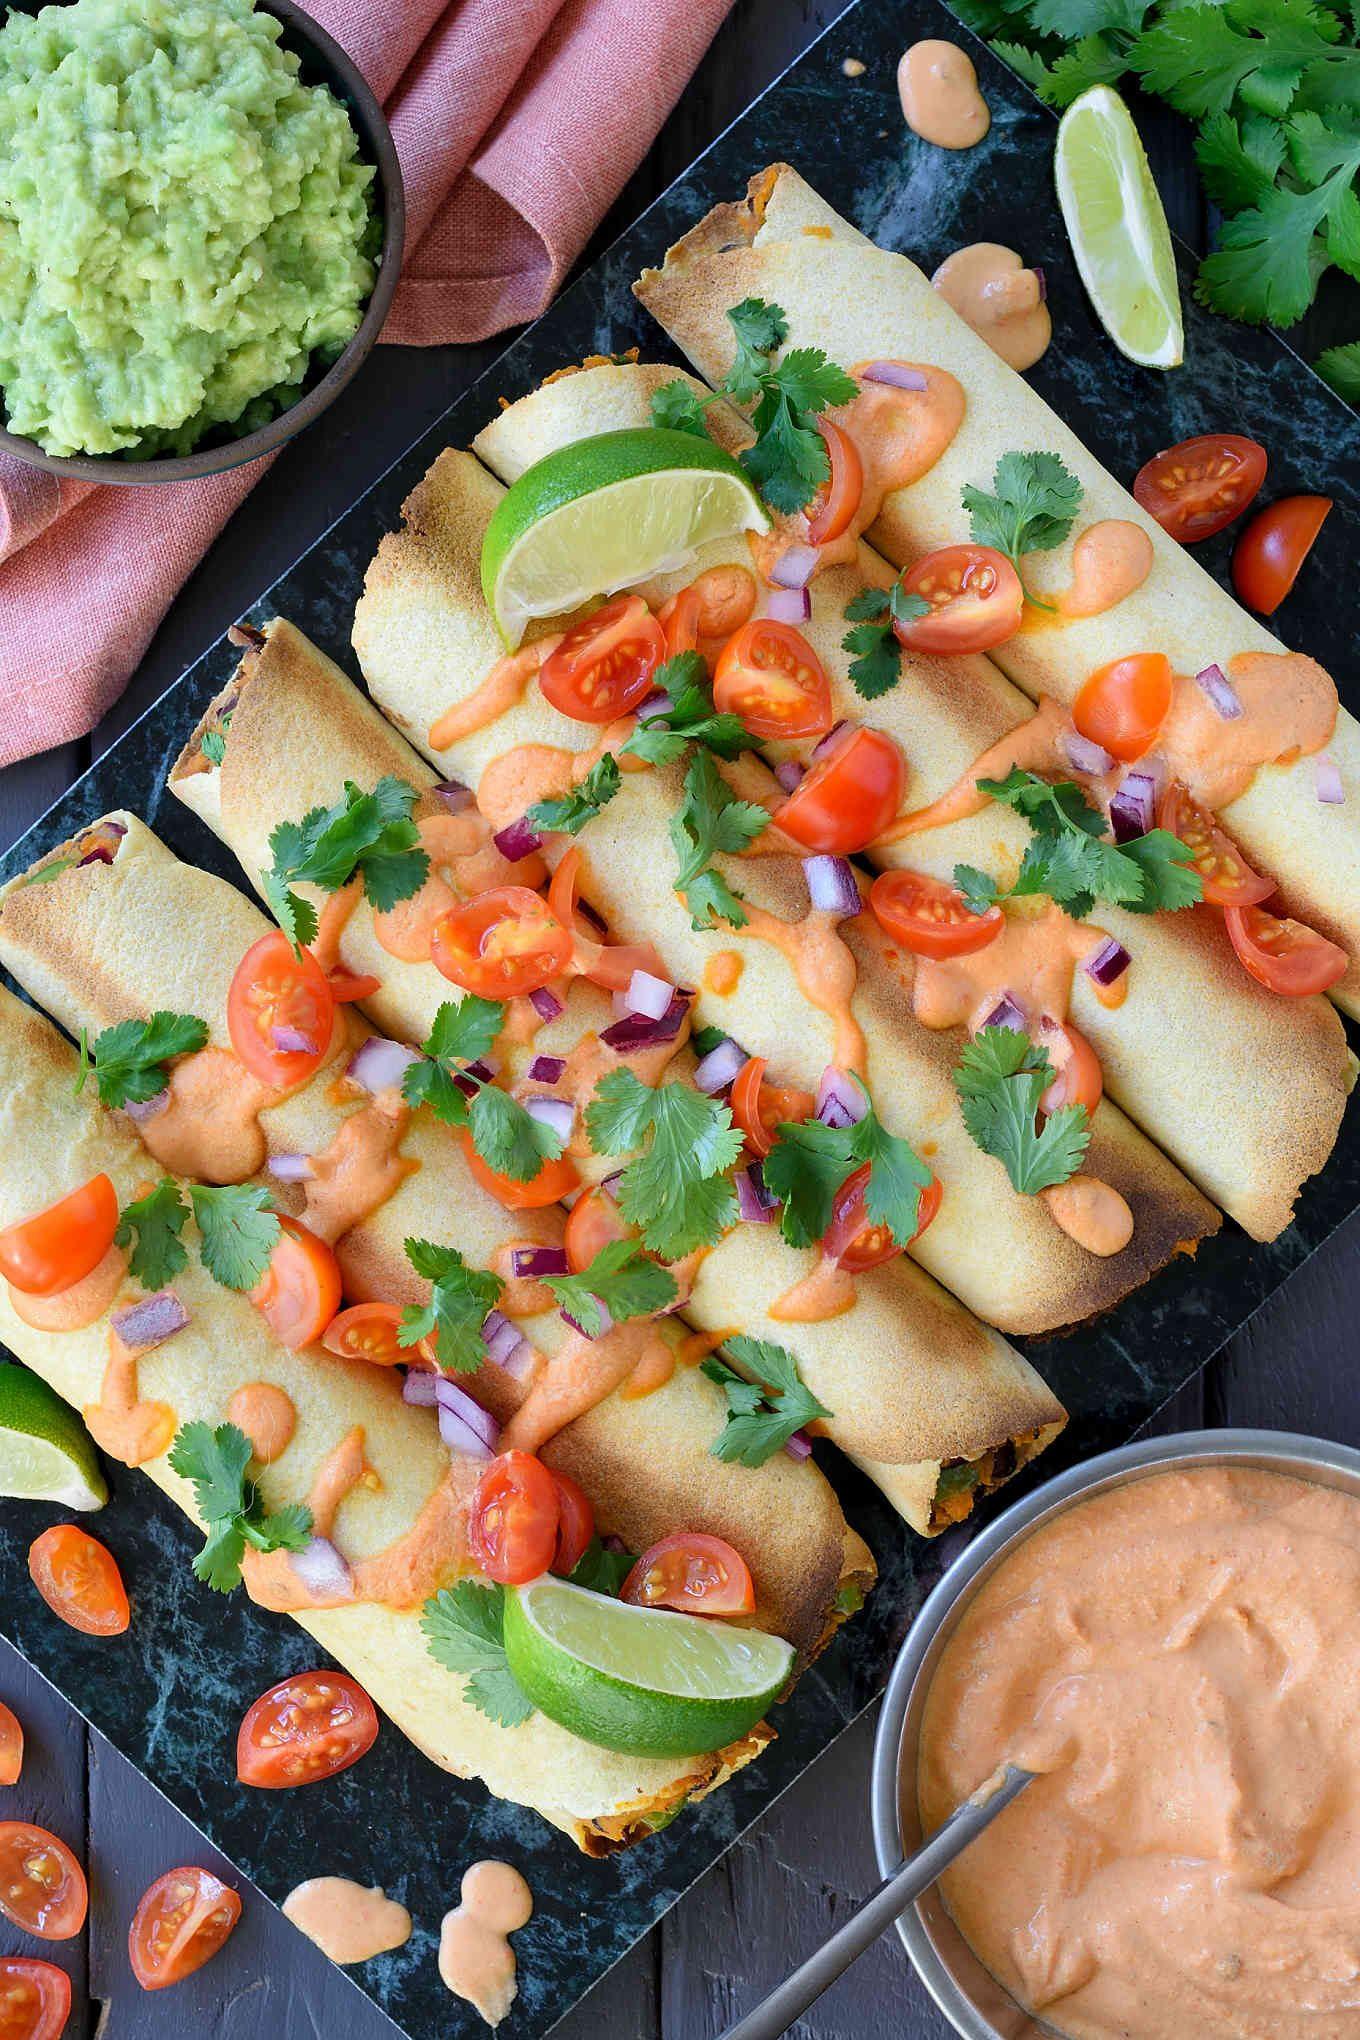 Estos taquitos veganos horneados con una salsa cremosa a base de chipotle son realmente sencillos de hacer, sabrosos y sanos, y quedan genial servidos de tapa o picoteo durante una fiesta.